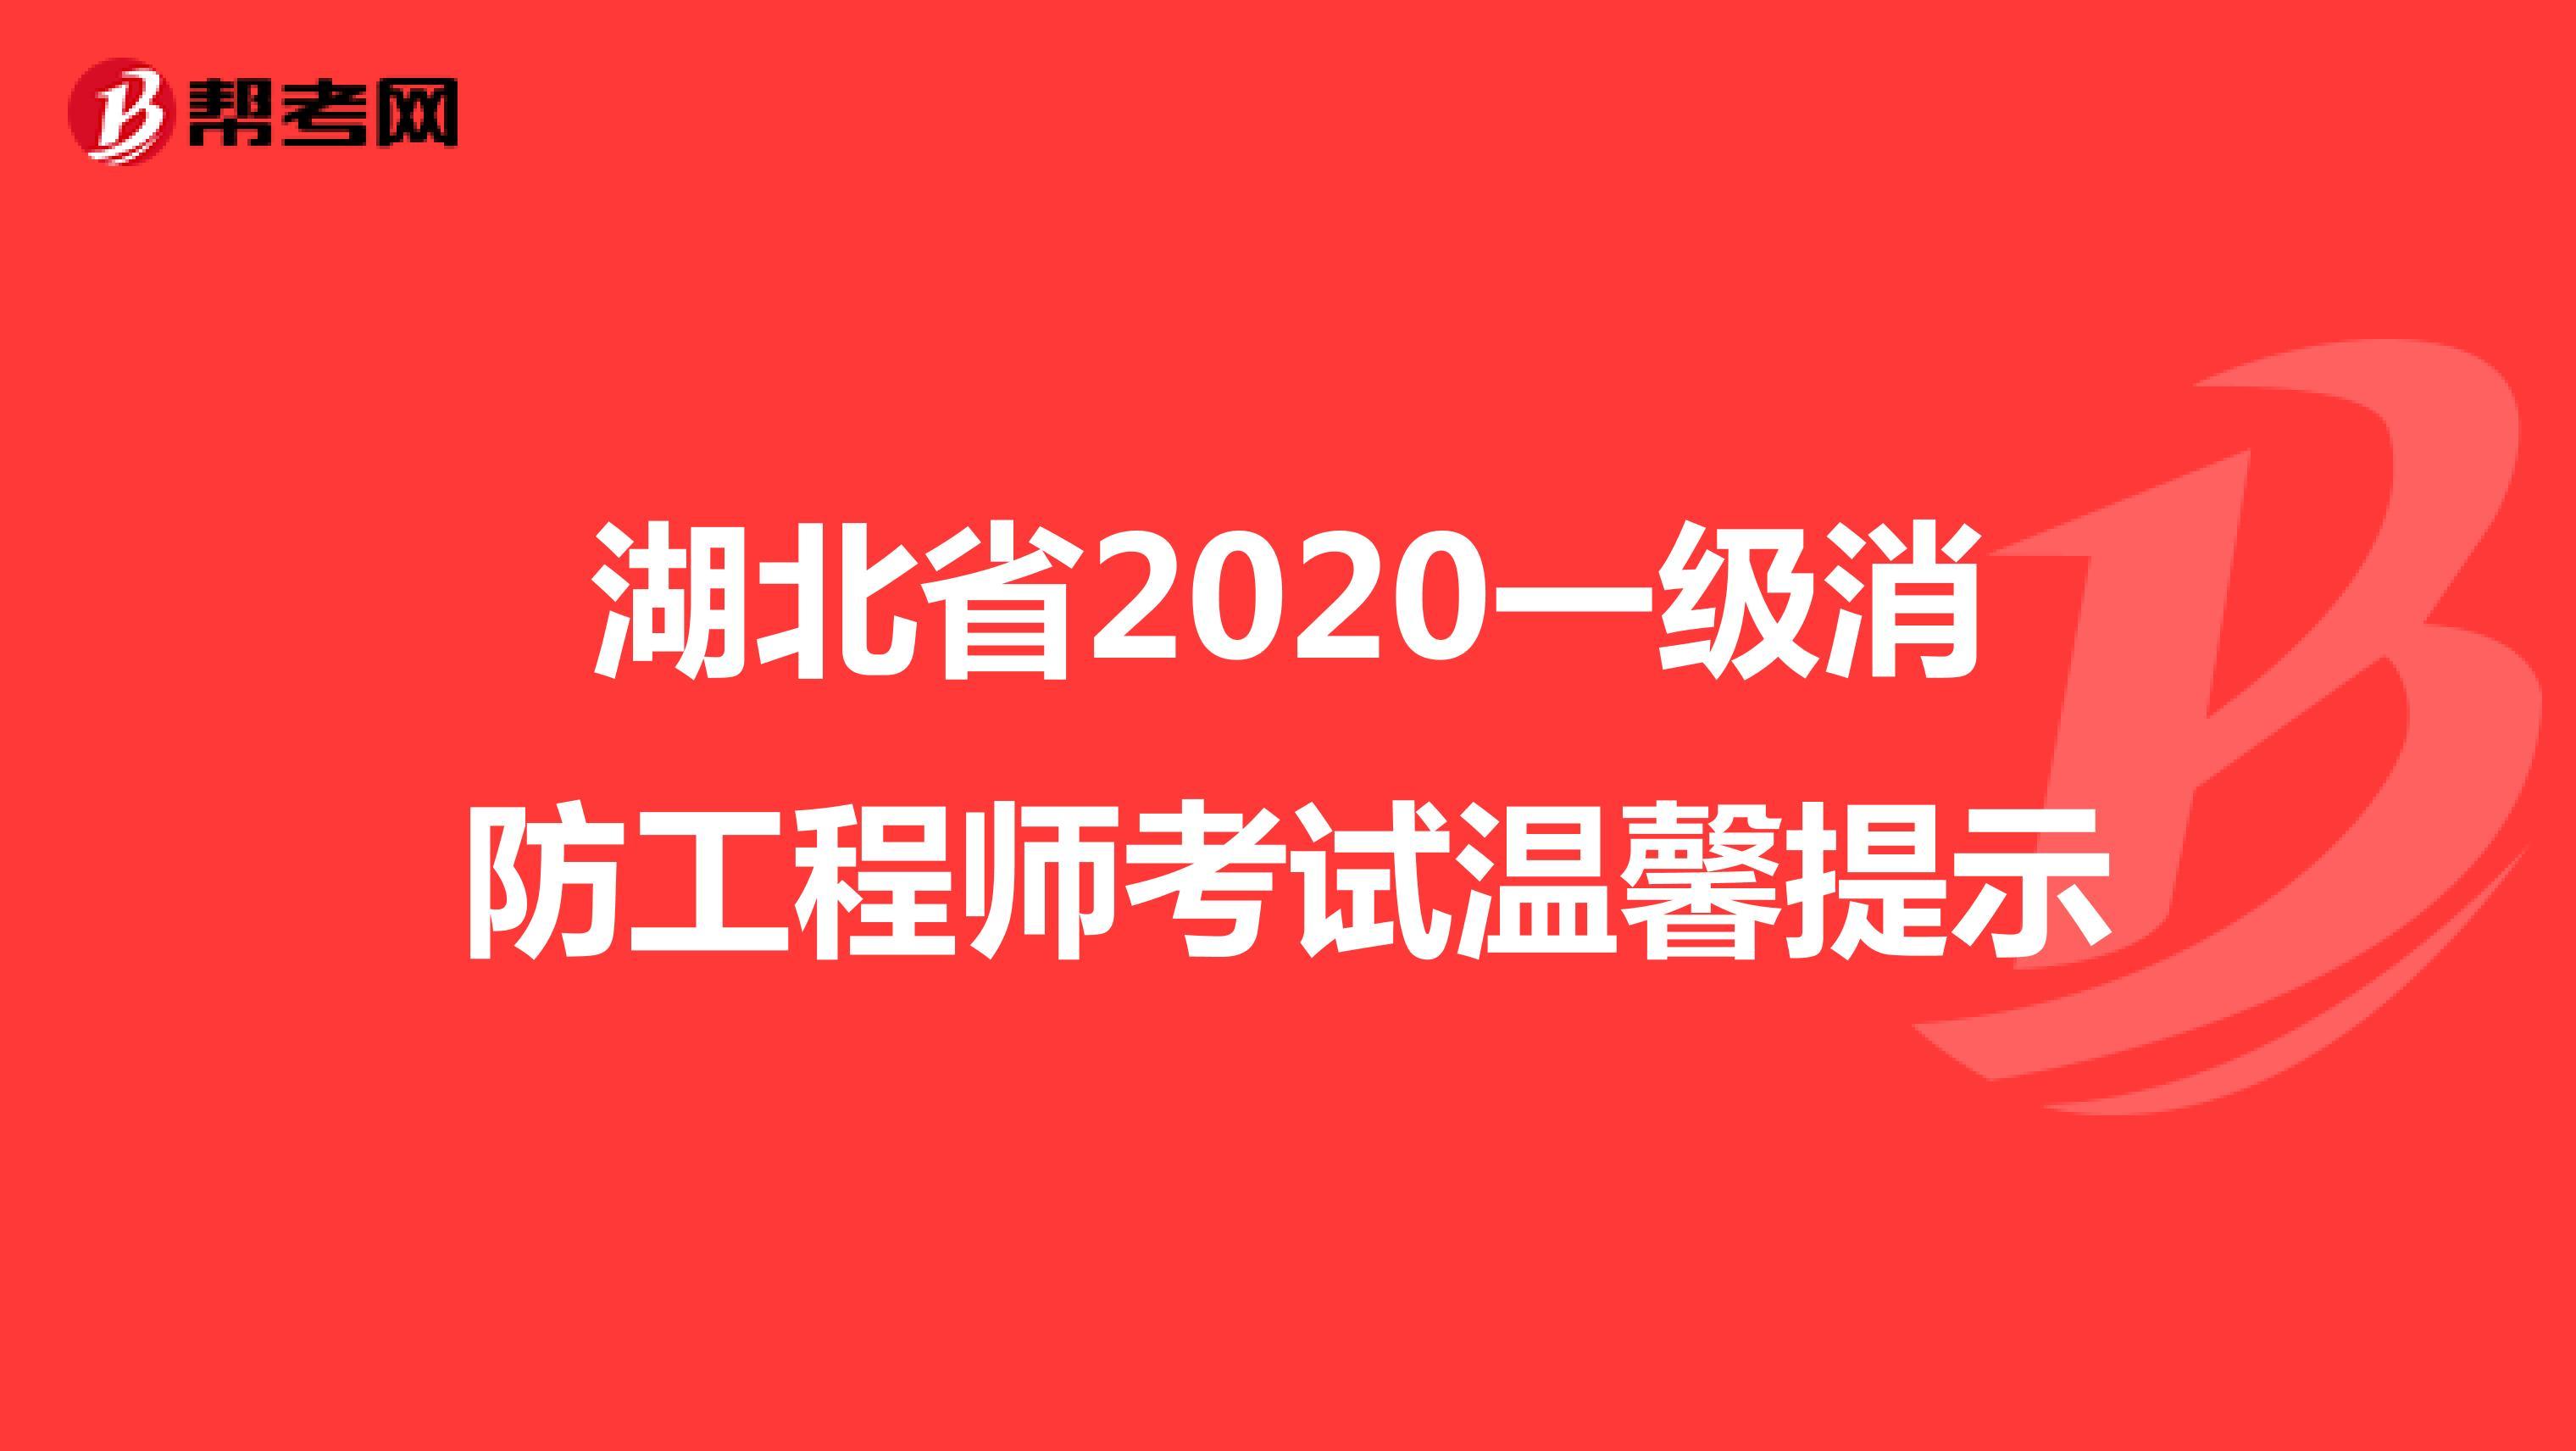 湖北省2020一级消防工程师考试温馨提示